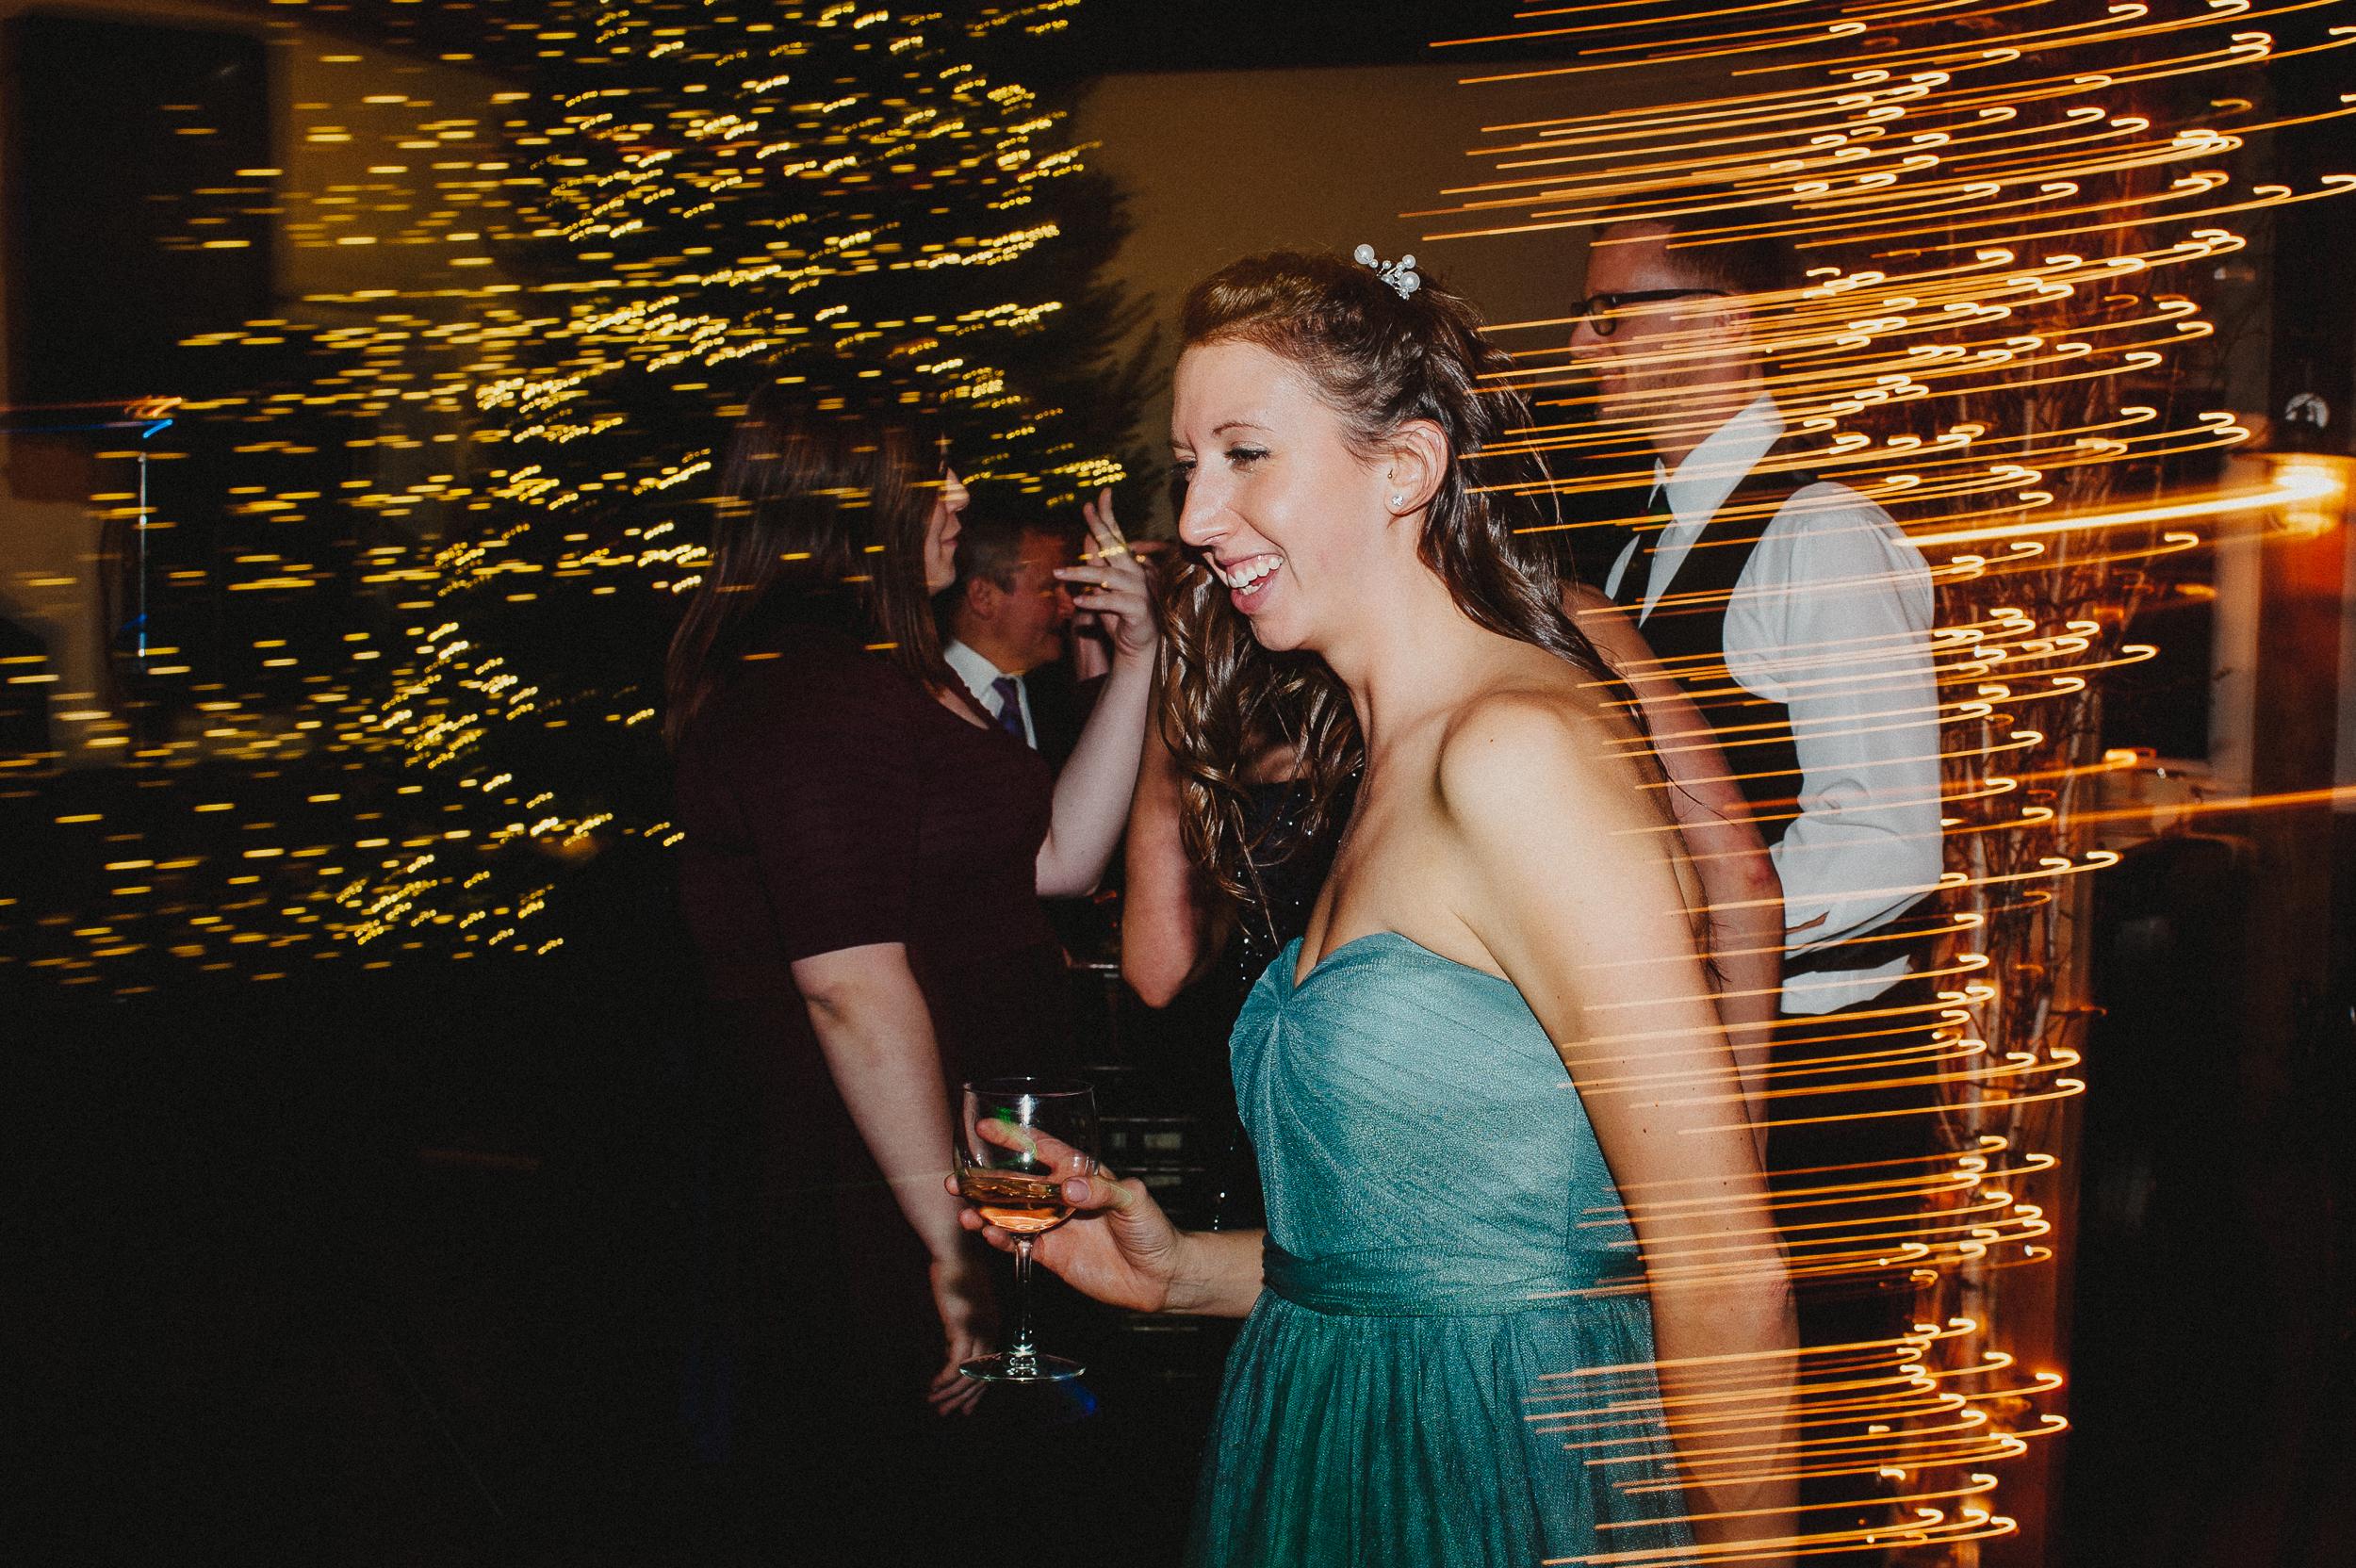 vermont-destination-wedding-photographer-73.jpg